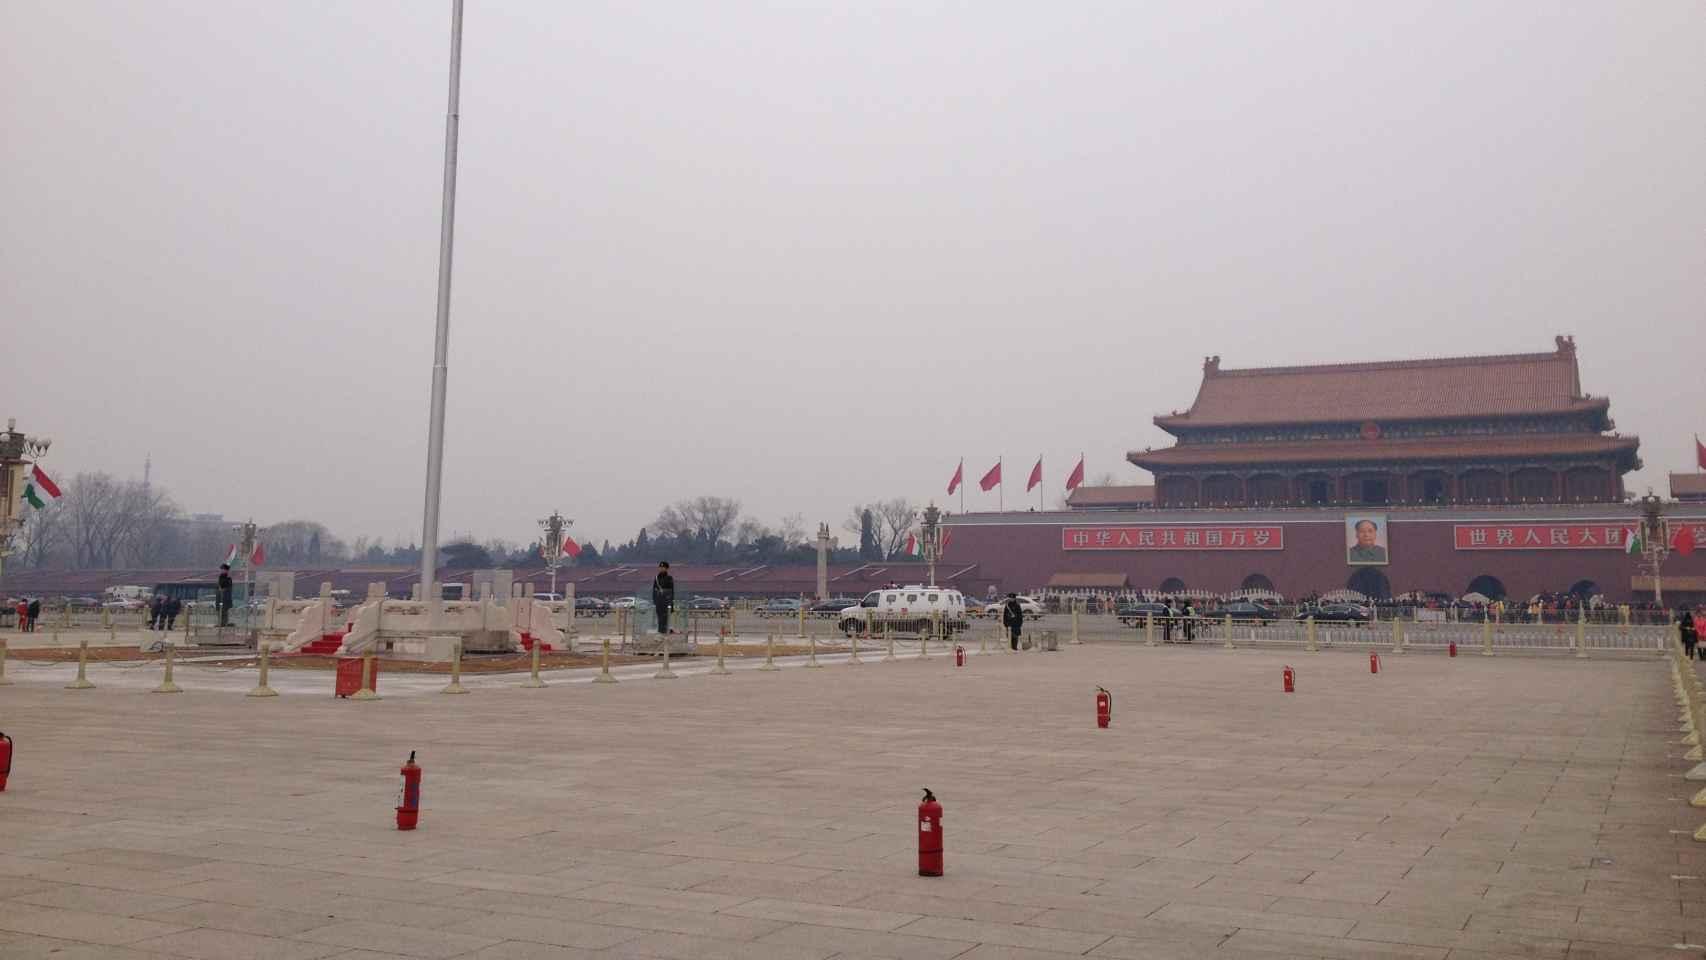 La plaza de Tiananmen luce desde hace unos años repleta de extintores.